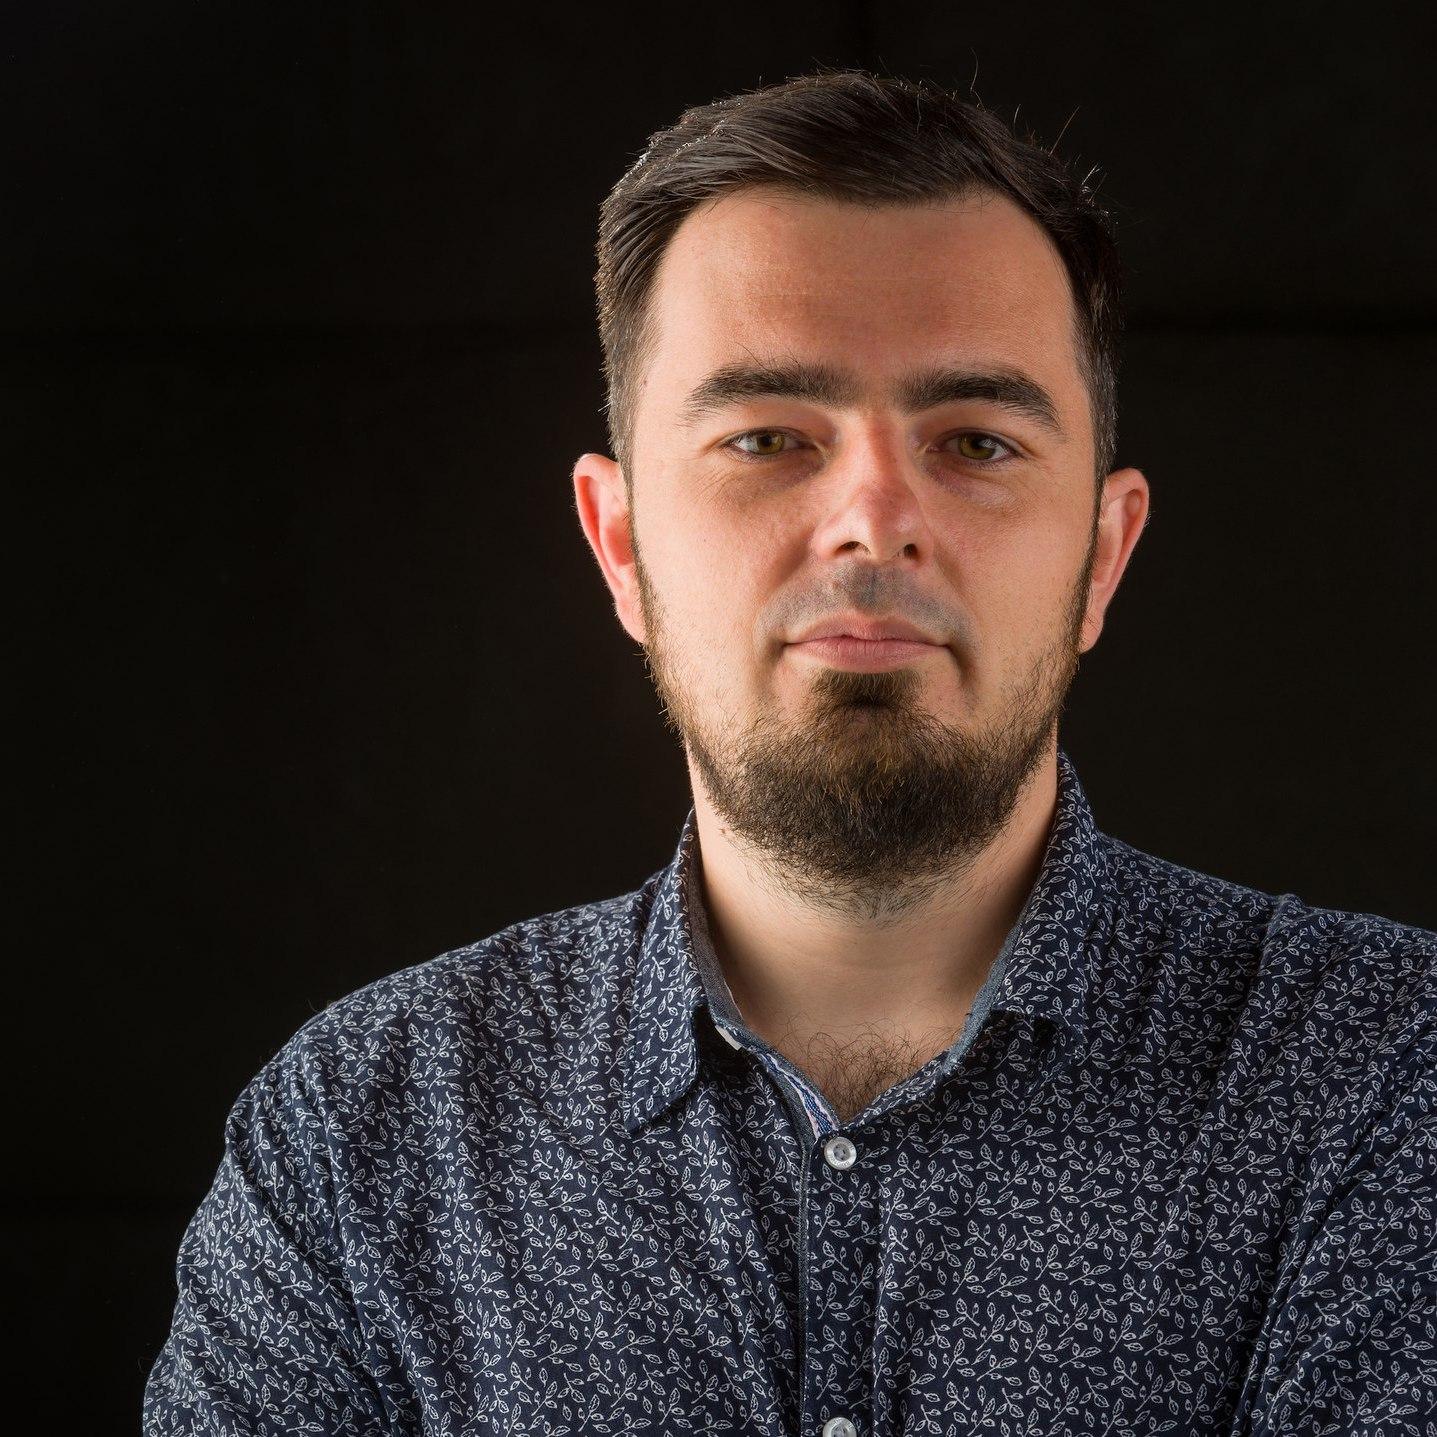 Евгений Крылов